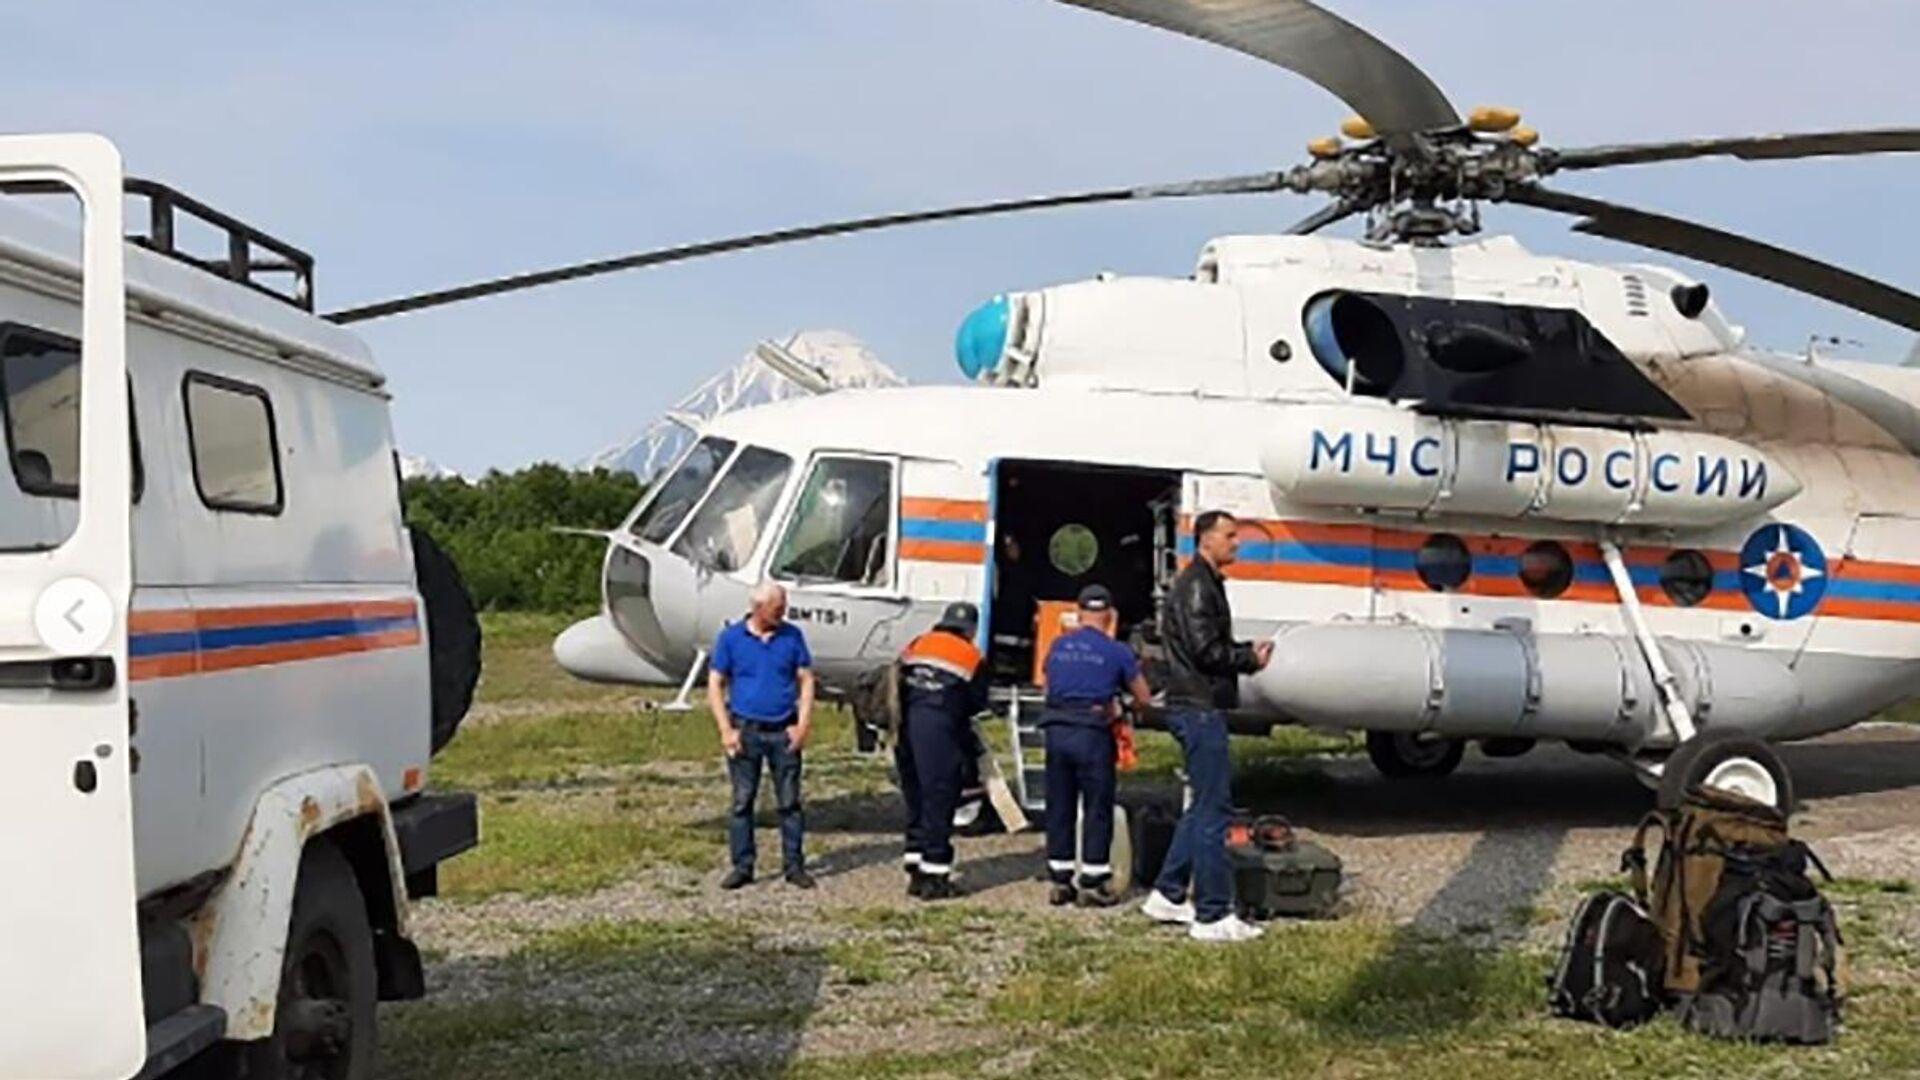 Pátrací operace na místě zříceného An-26 na Kamčatce - Sputnik Česká republika, 1920, 07.07.2021